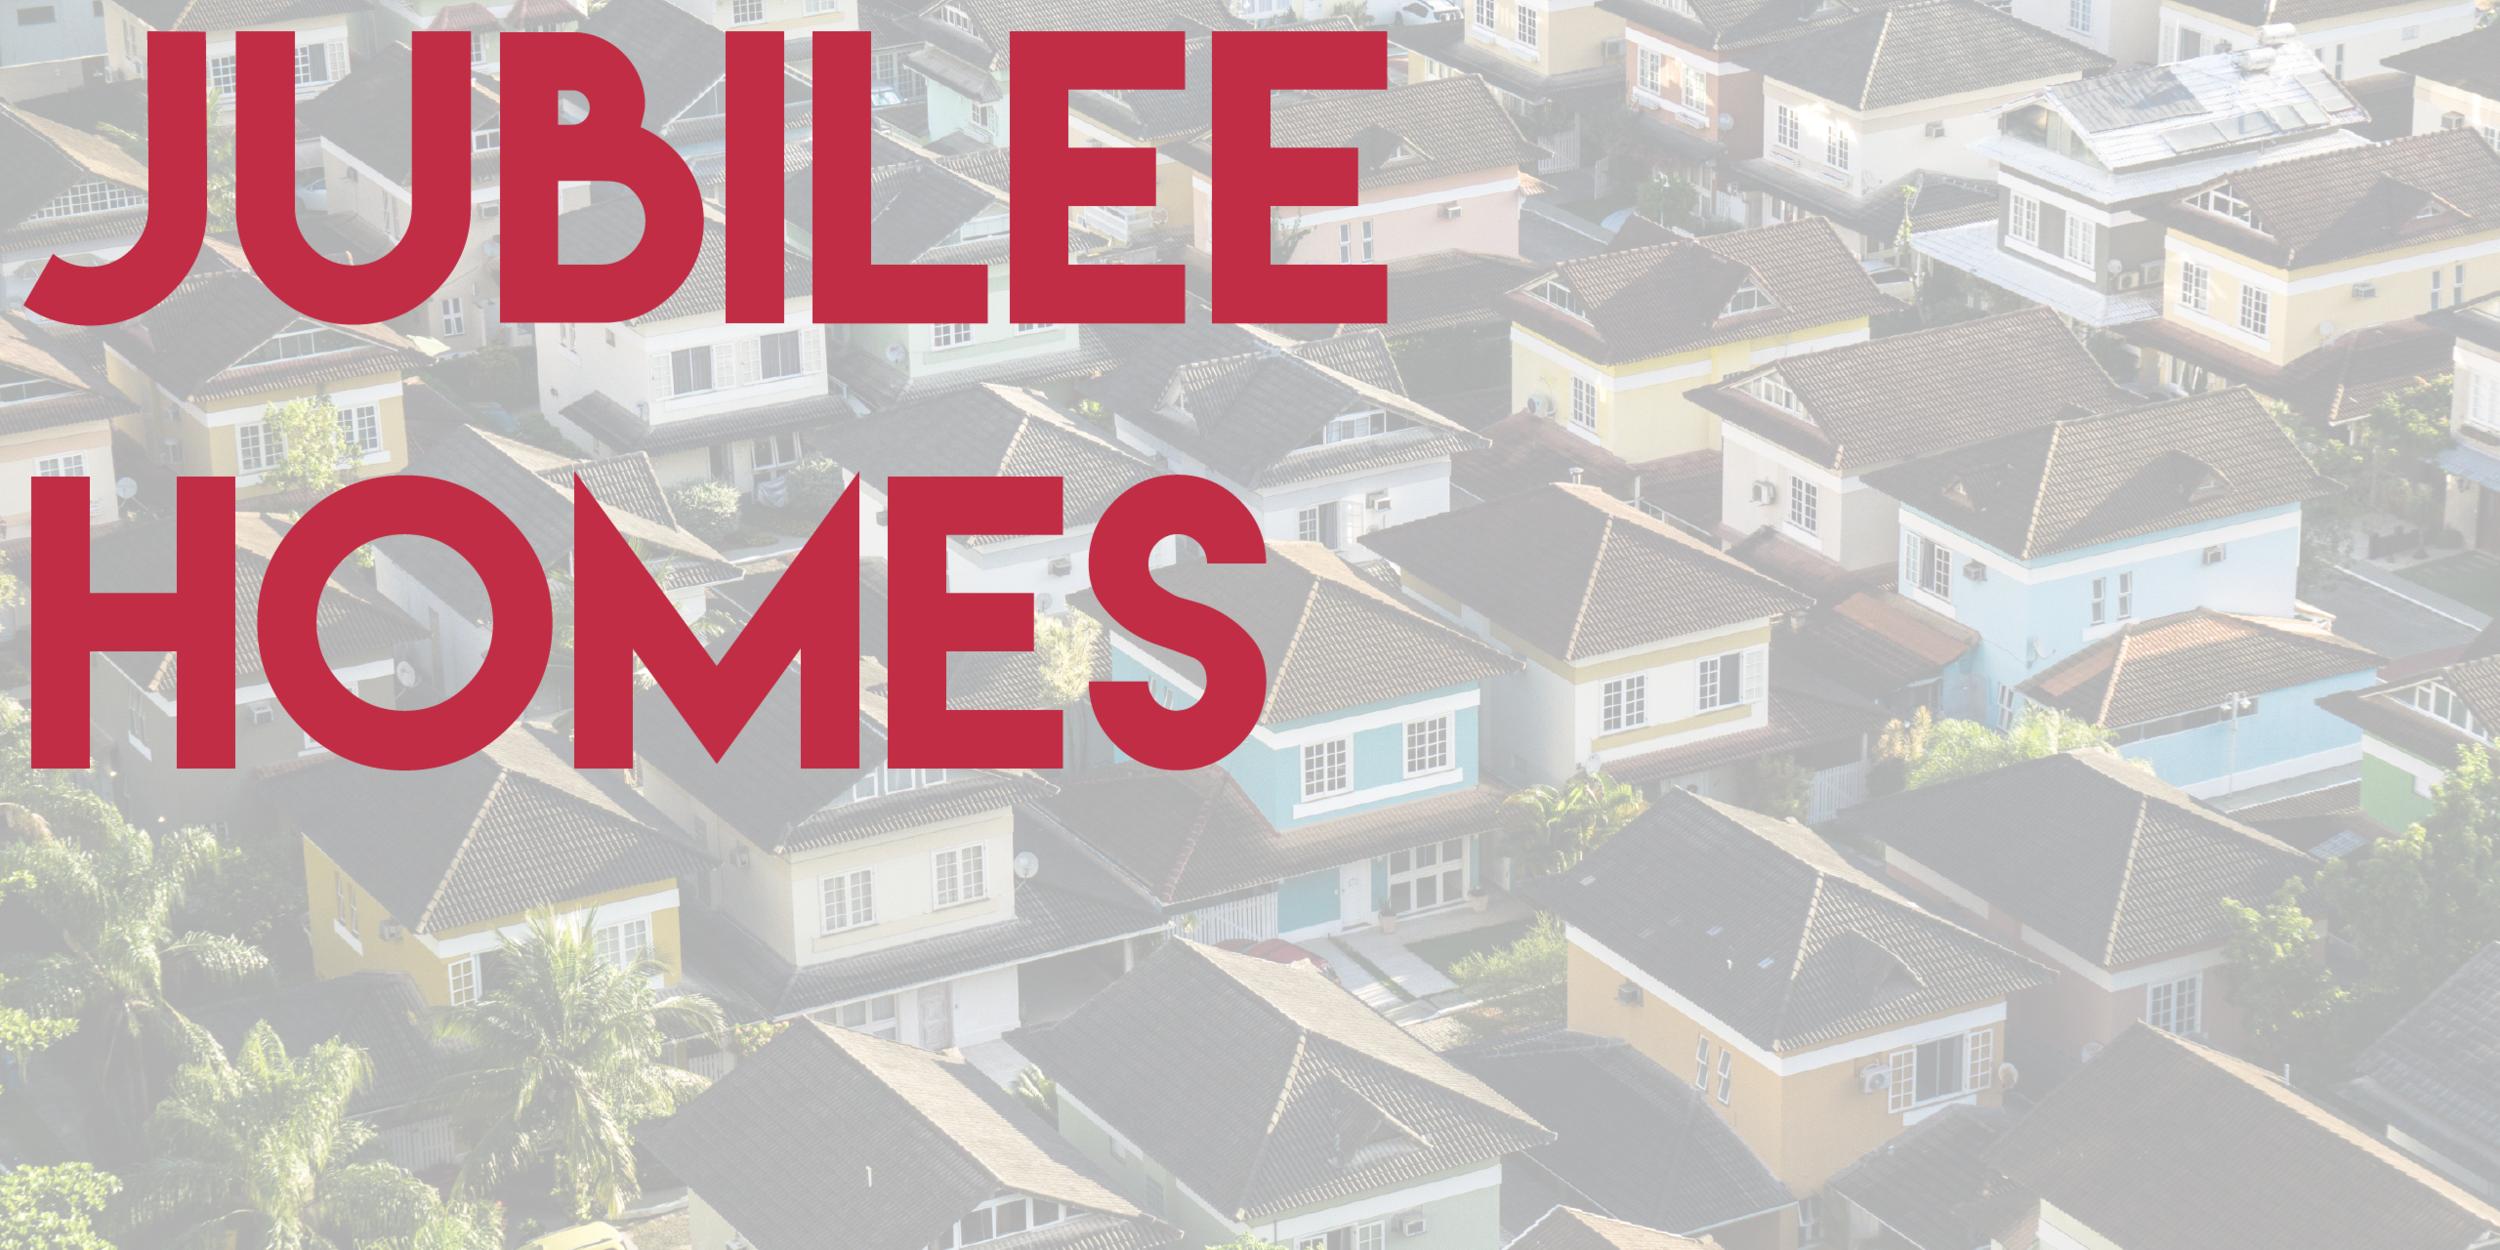 Jubilee Homes.png